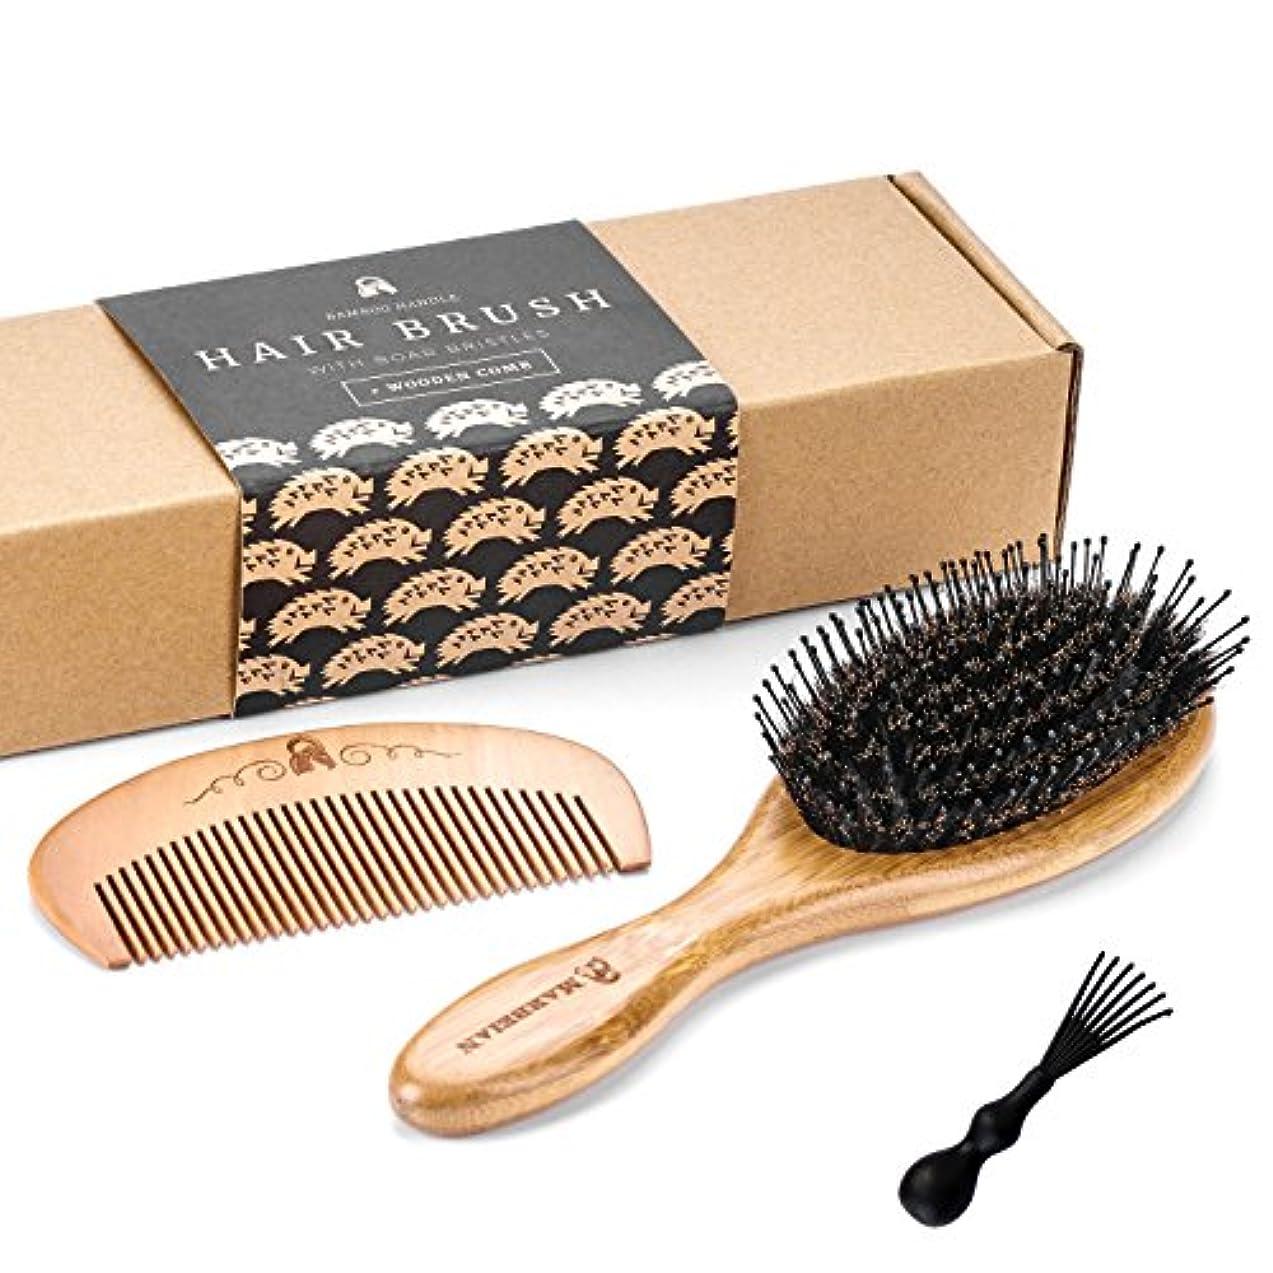 我慢する妖精病者ディタングルピン付き豚毛バンブーヘアブラシと木製櫛セット。この商品は髪の毛を艶やかにし、クリーニング用具も付属しています。